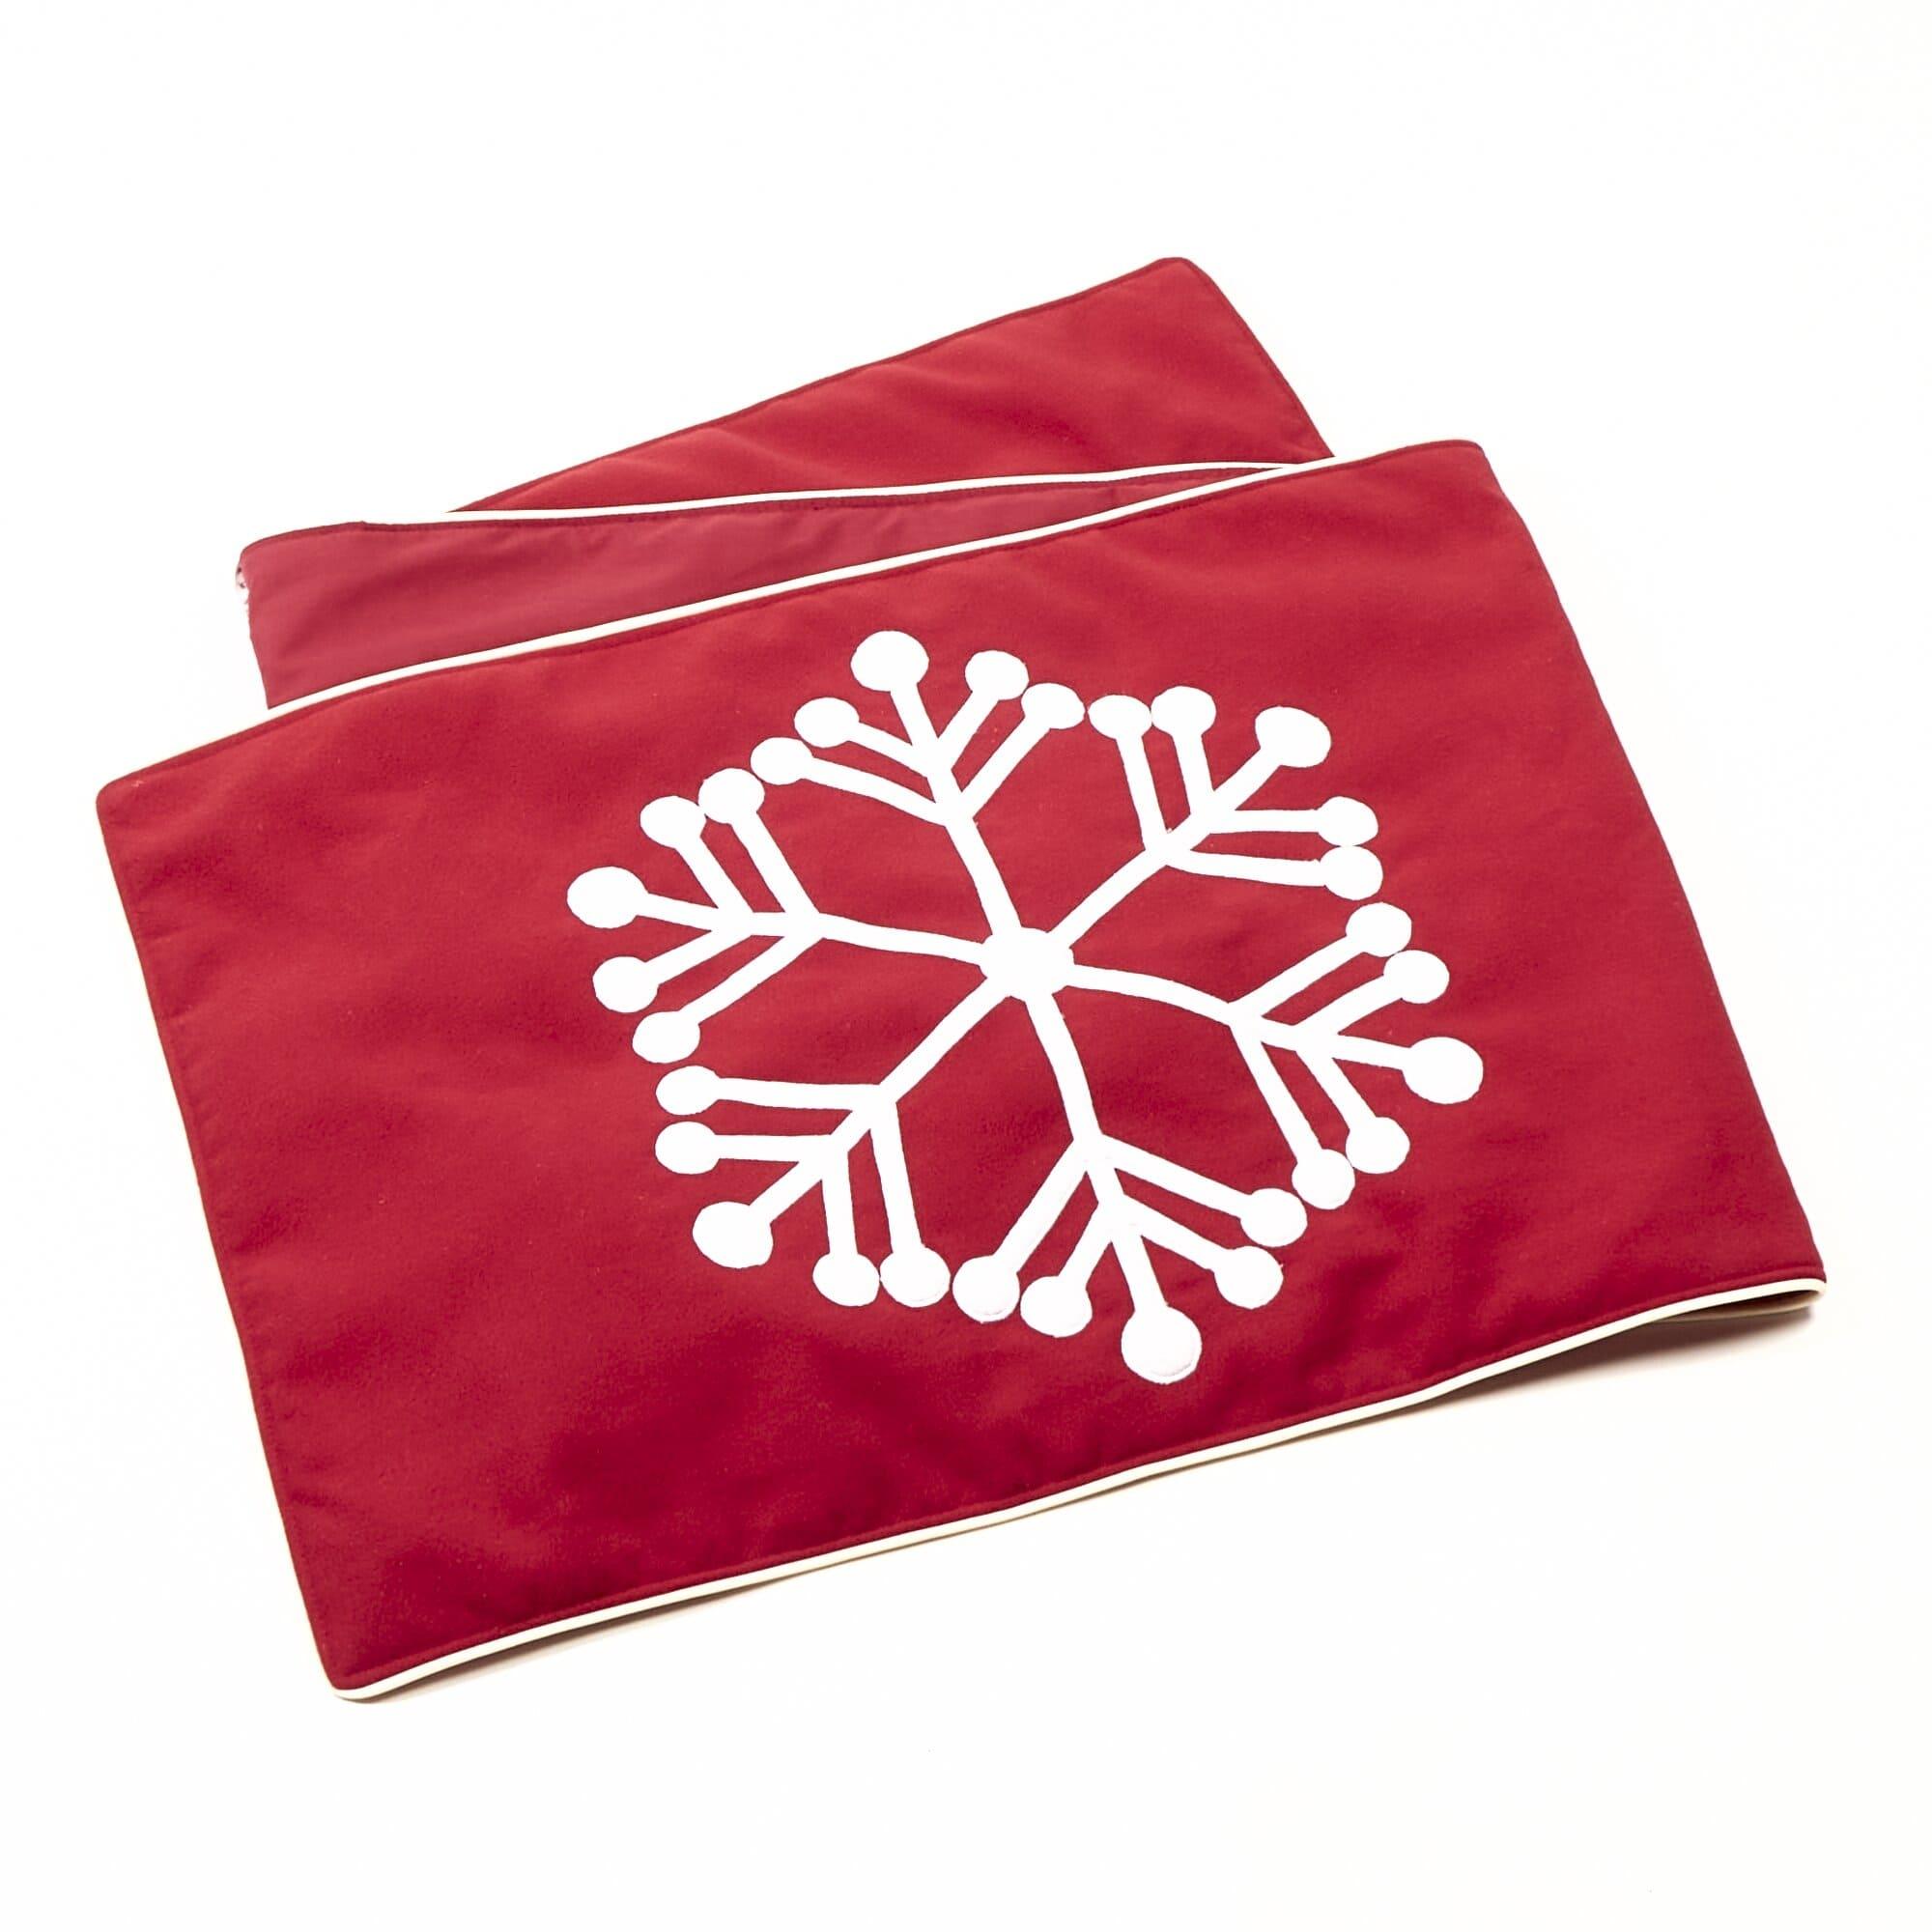 Camino de mesa de poliéster Bartolla™ Algarabia con diseño de copo de nieve color rojo